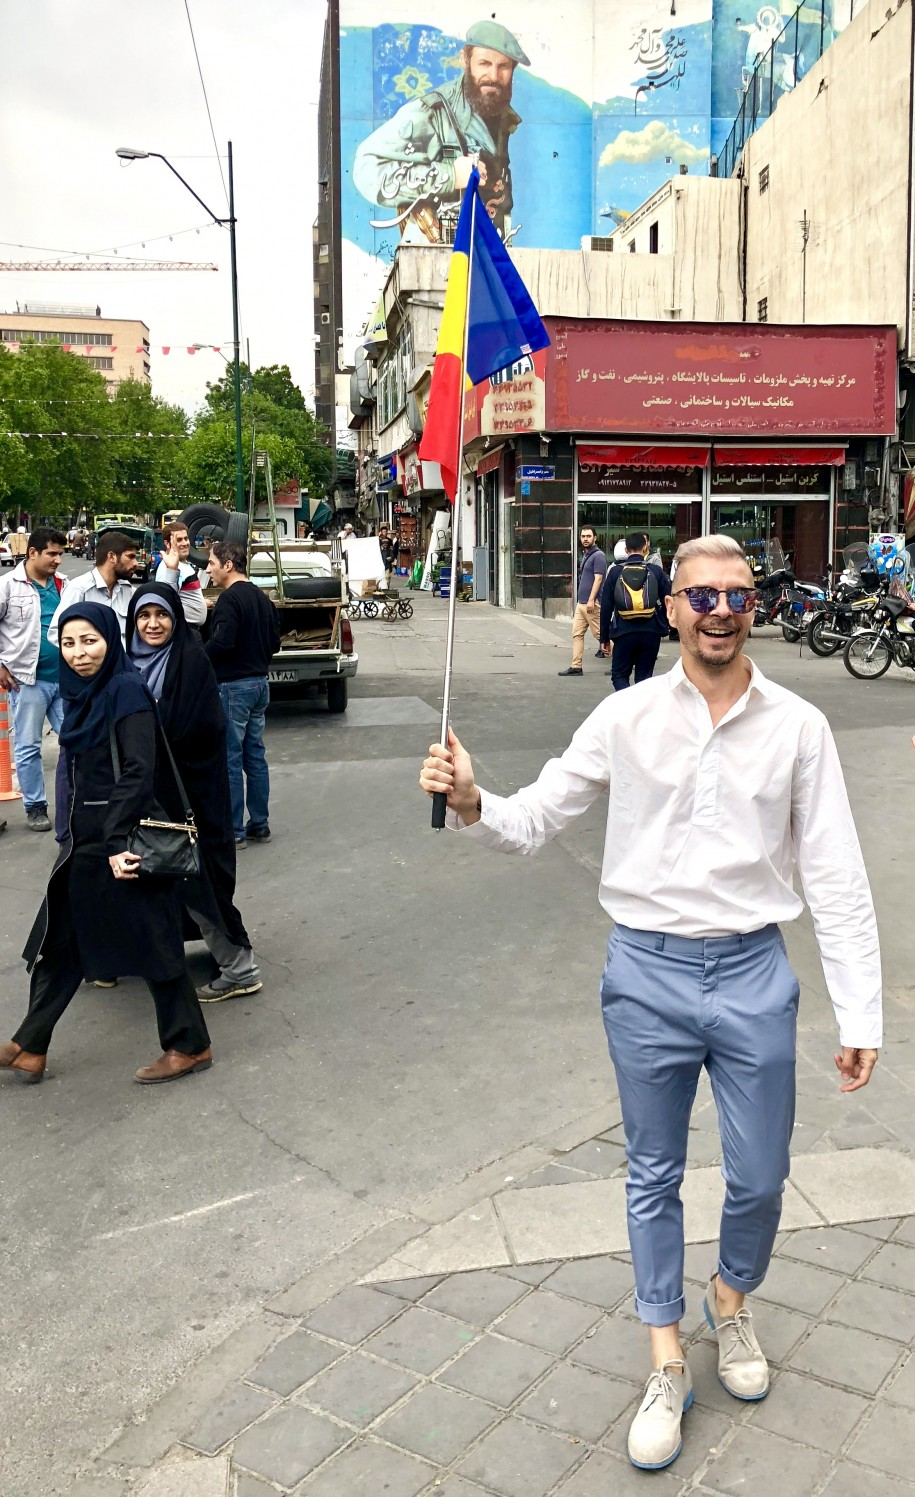 Ovidiu Muresanu Teheran 25